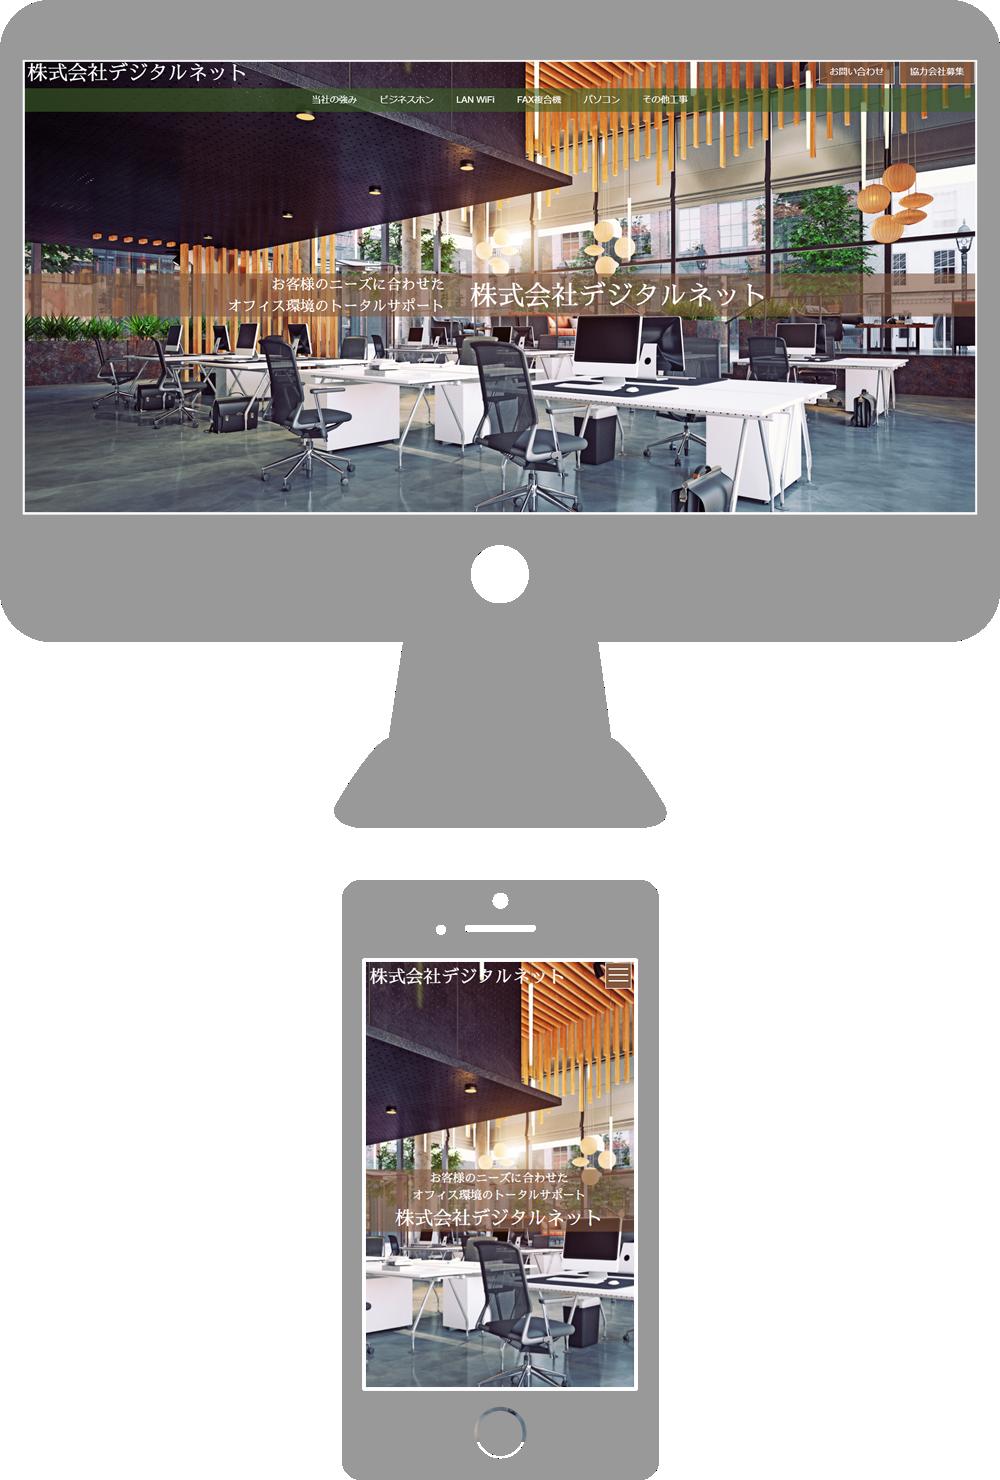 株式会社デジタルネットの見た目のイメージ